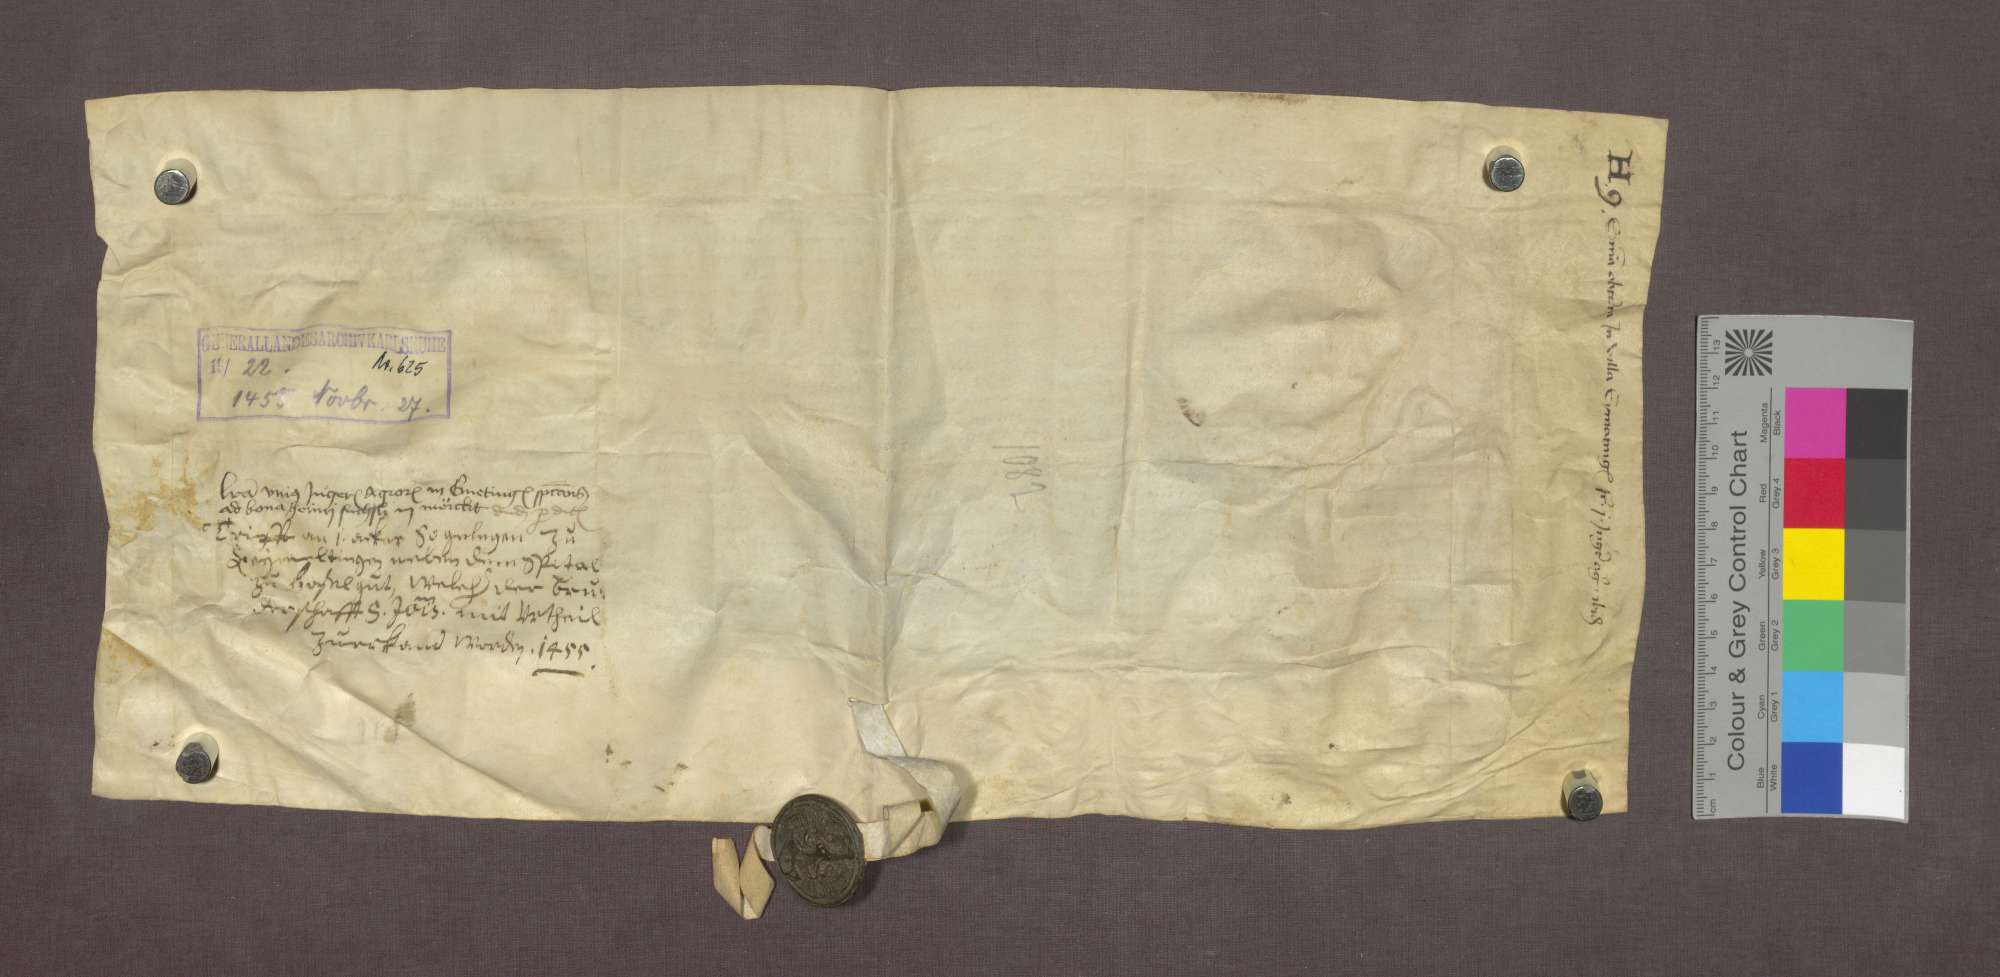 Das Gericht zu Kirchen spricht dem Stift St. Johann auf Burg in Basel im Streit mit dem Ritter Hans Münch einen Acker zu. Der Acker liegt zu Eimeldingen und gehört in das Lehngut des Heini Füßli von Märkt., Bild 2